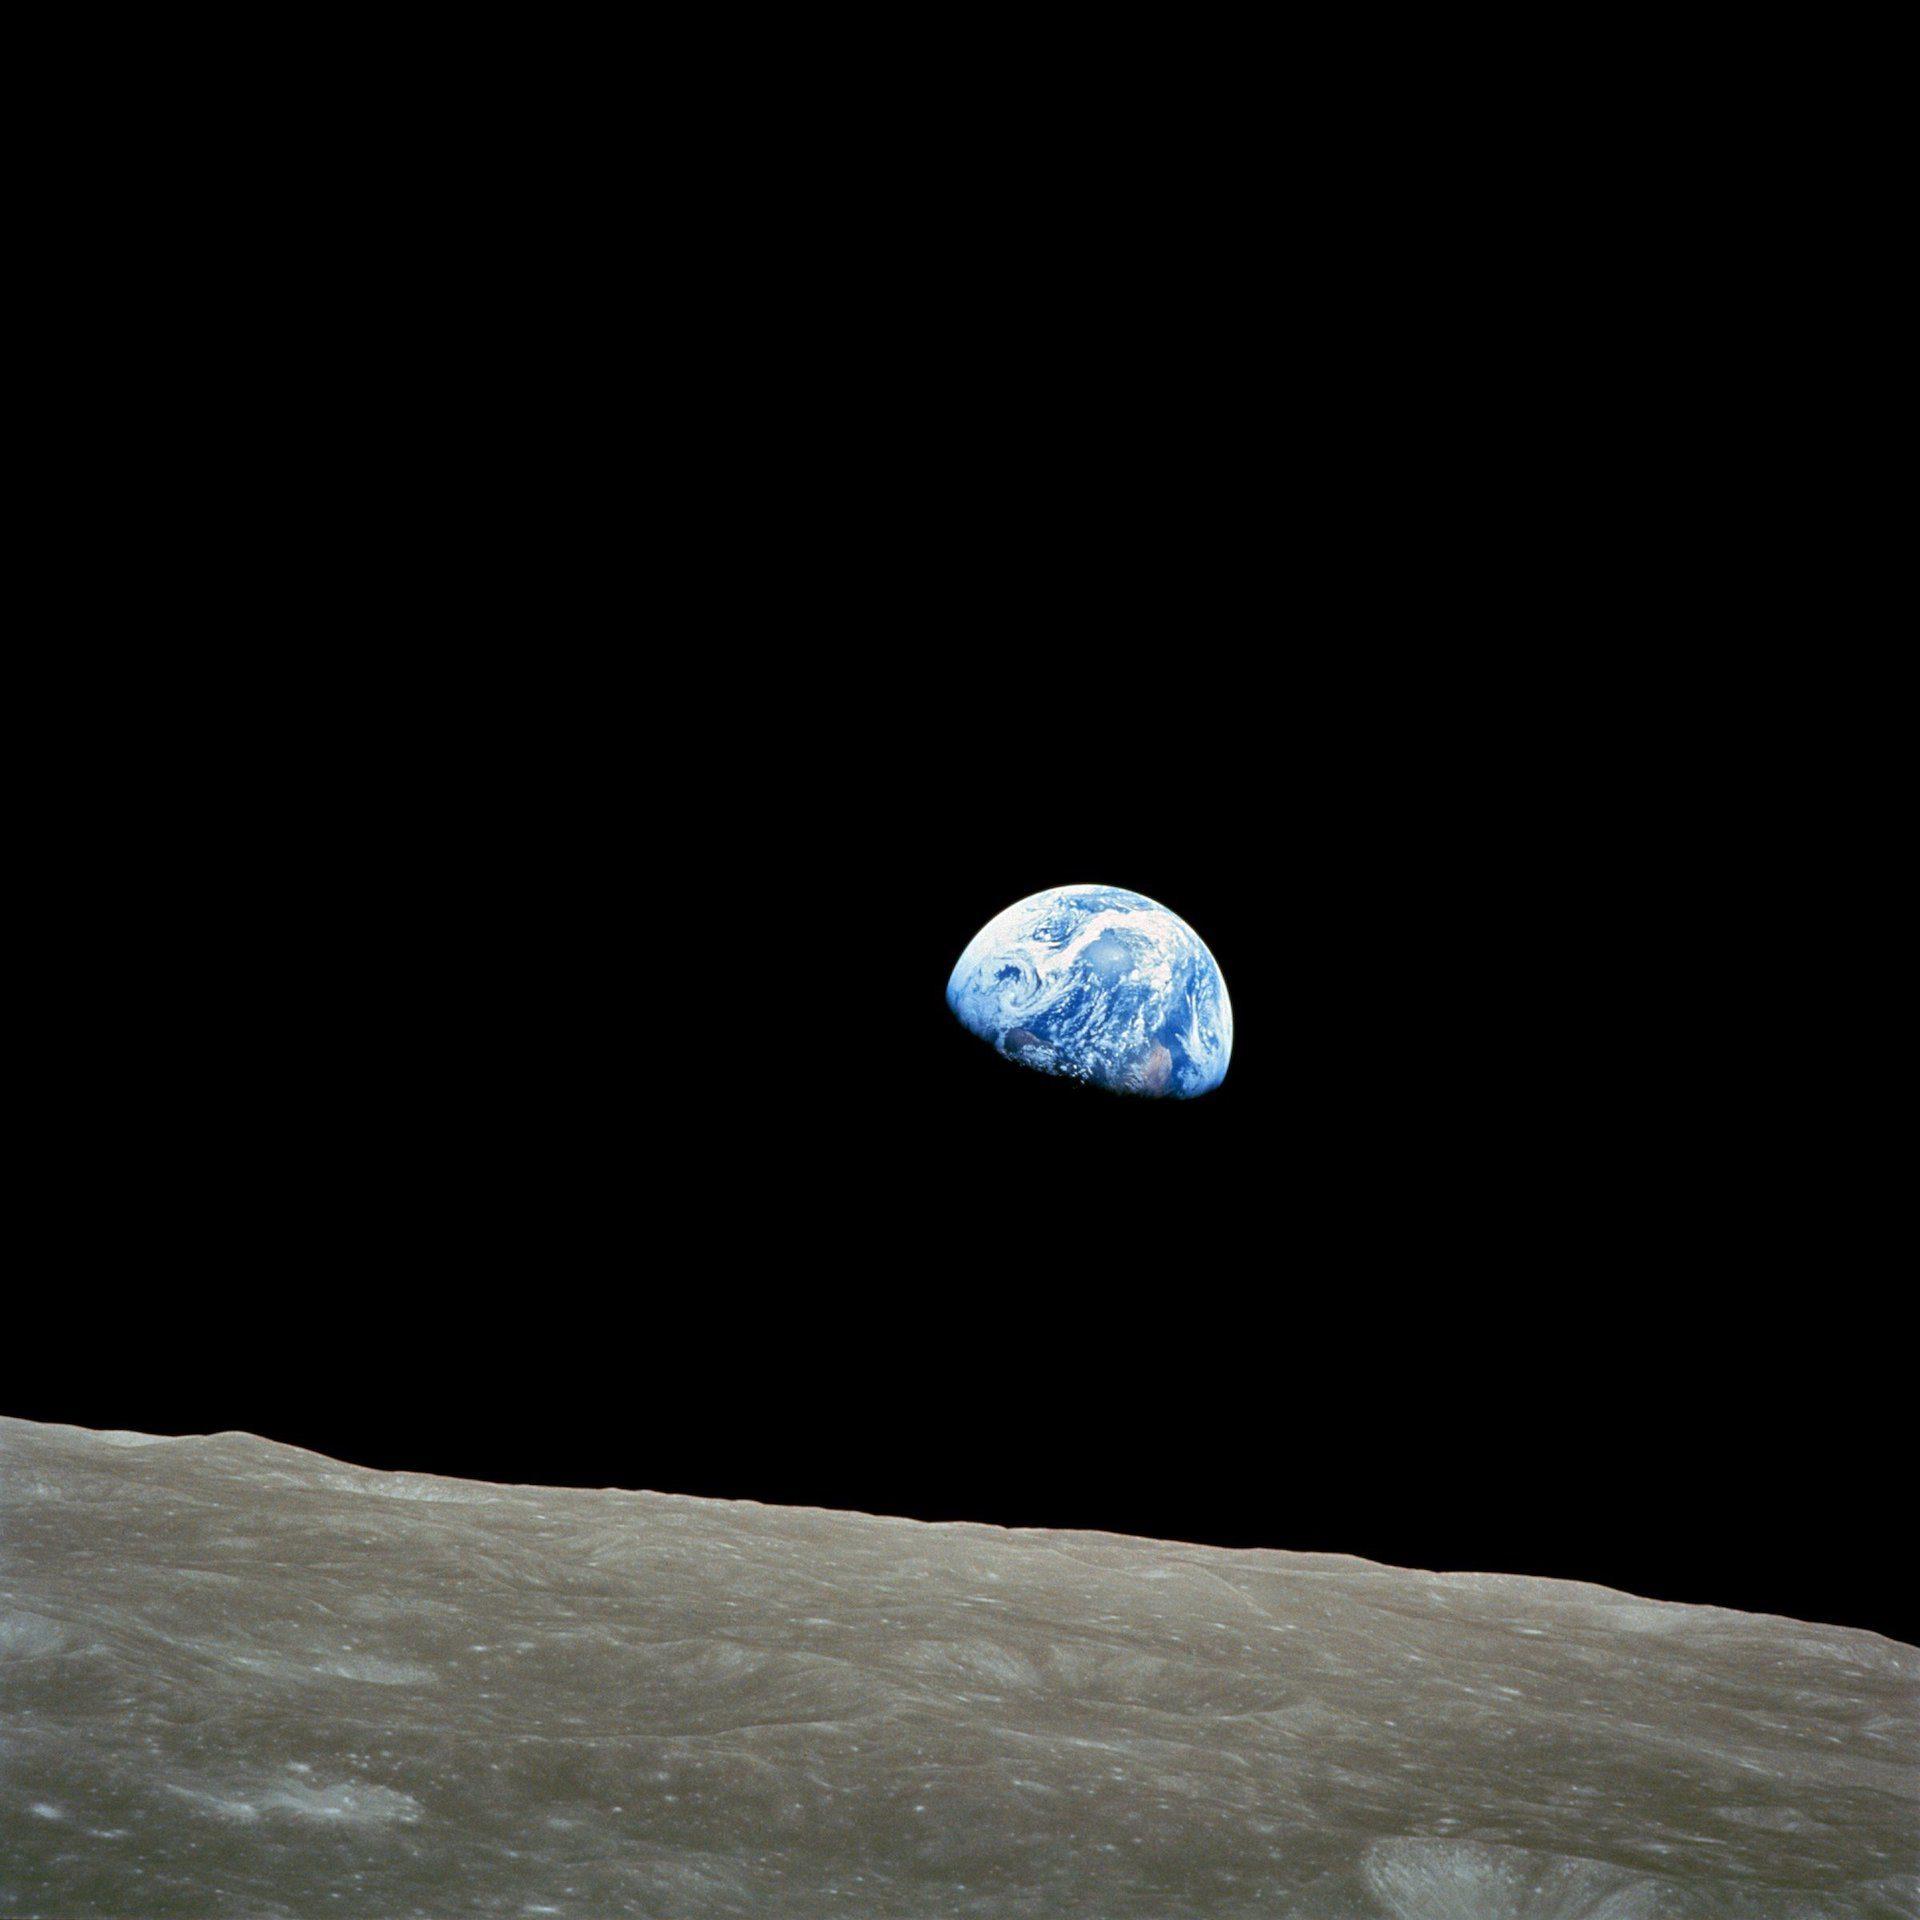 η γη, Σπίτι, Αρχική σελίδα, Κόσμο, πλανήτη, η ανθρωπότητα - Wallpapers HD - Professor-falken.com